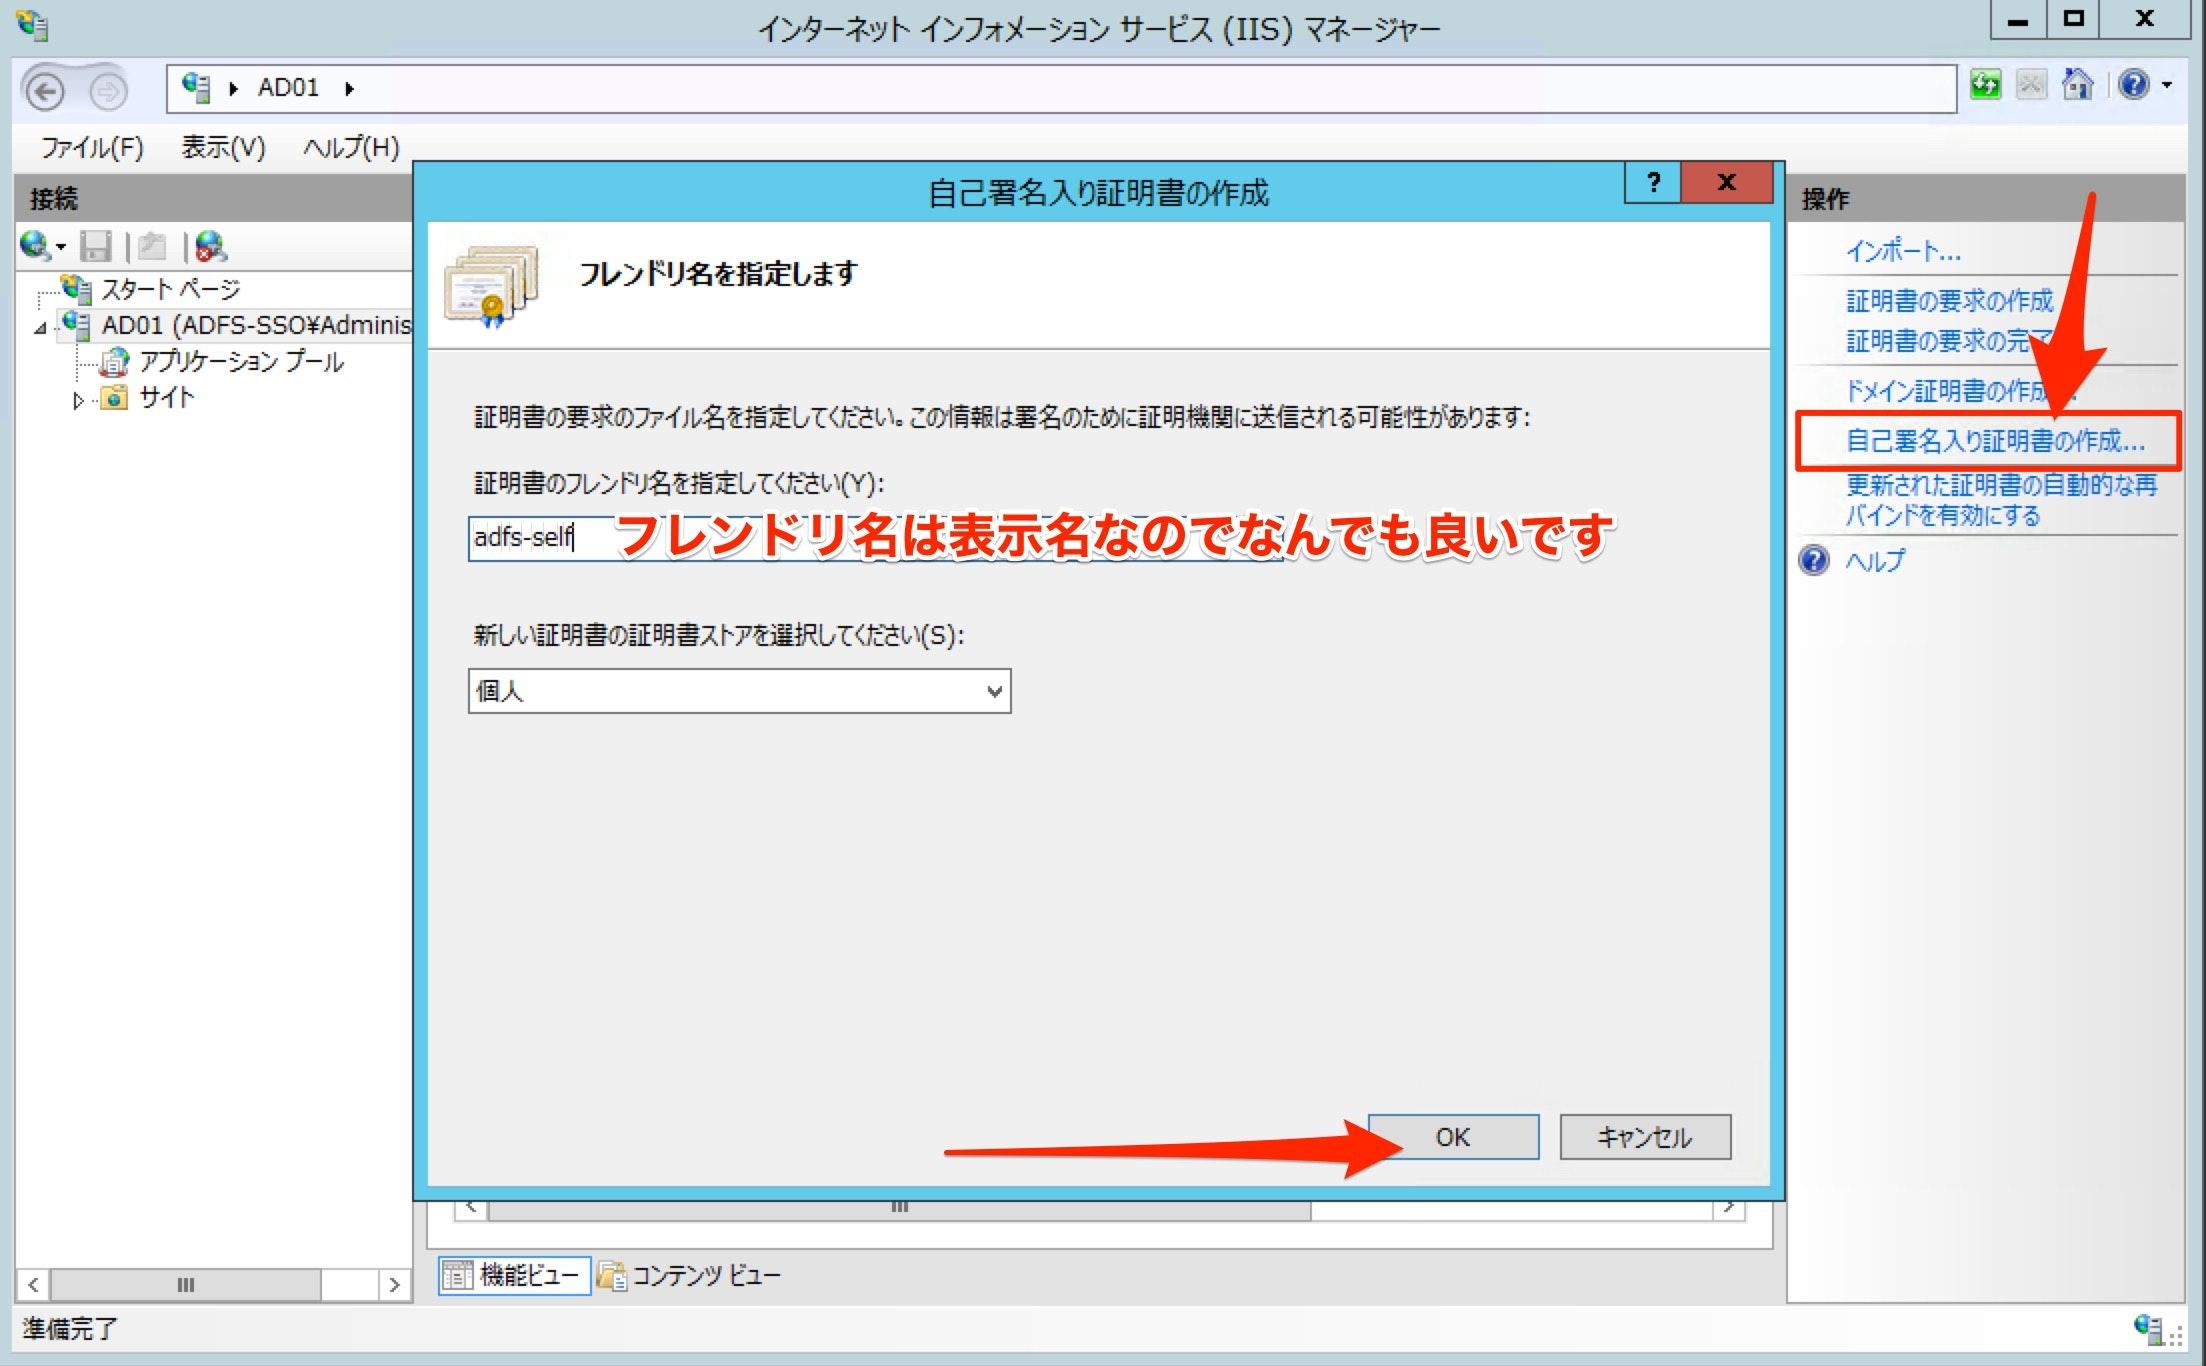 スクリーンショット_2016-06-30_18_43_54.jpg